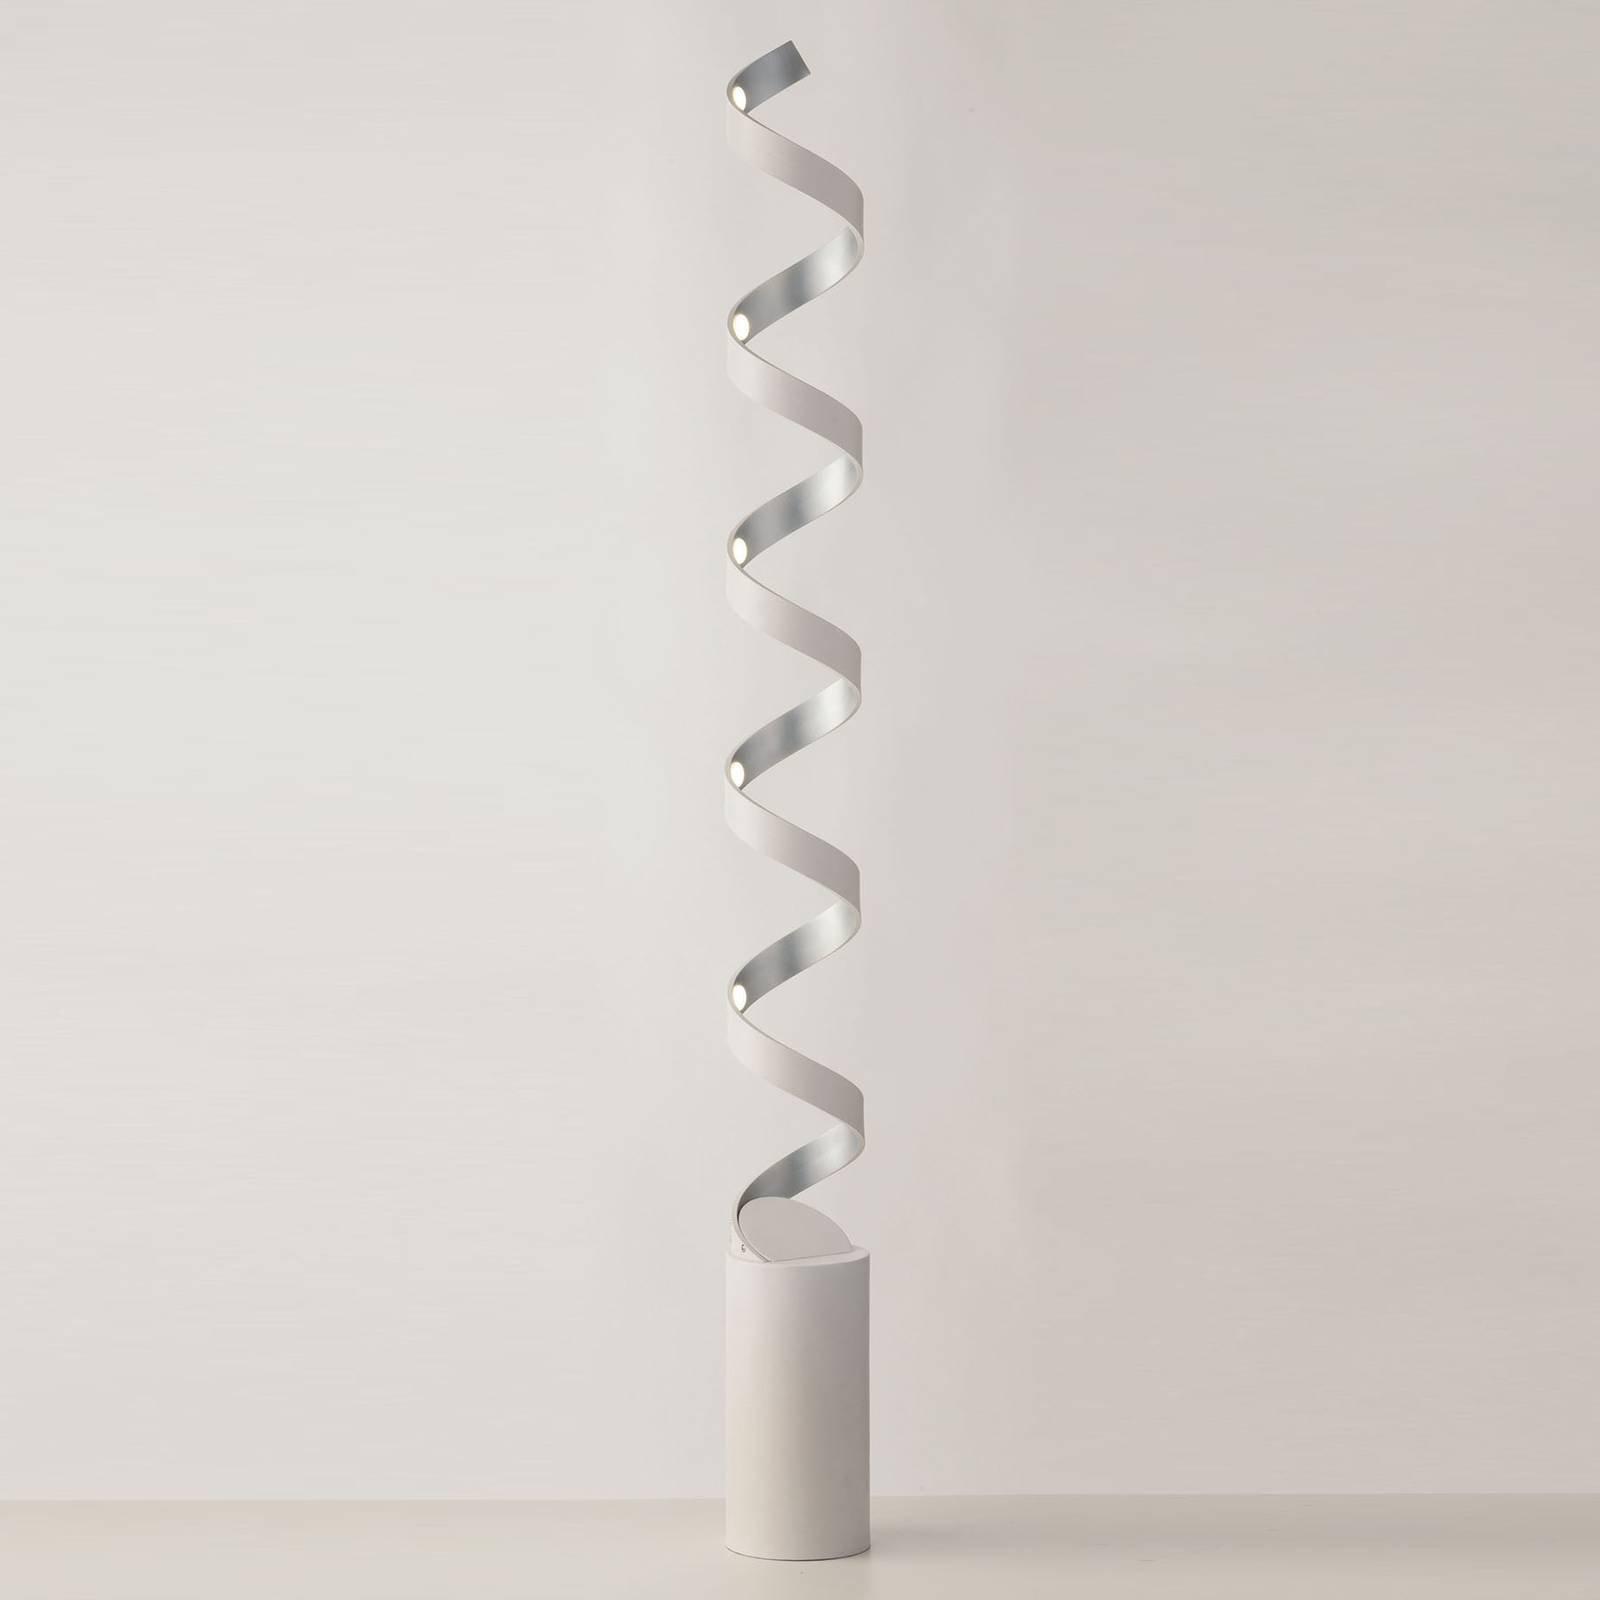 LED-gulvlampe Helix, høyde 152 cm, hvit-sølv